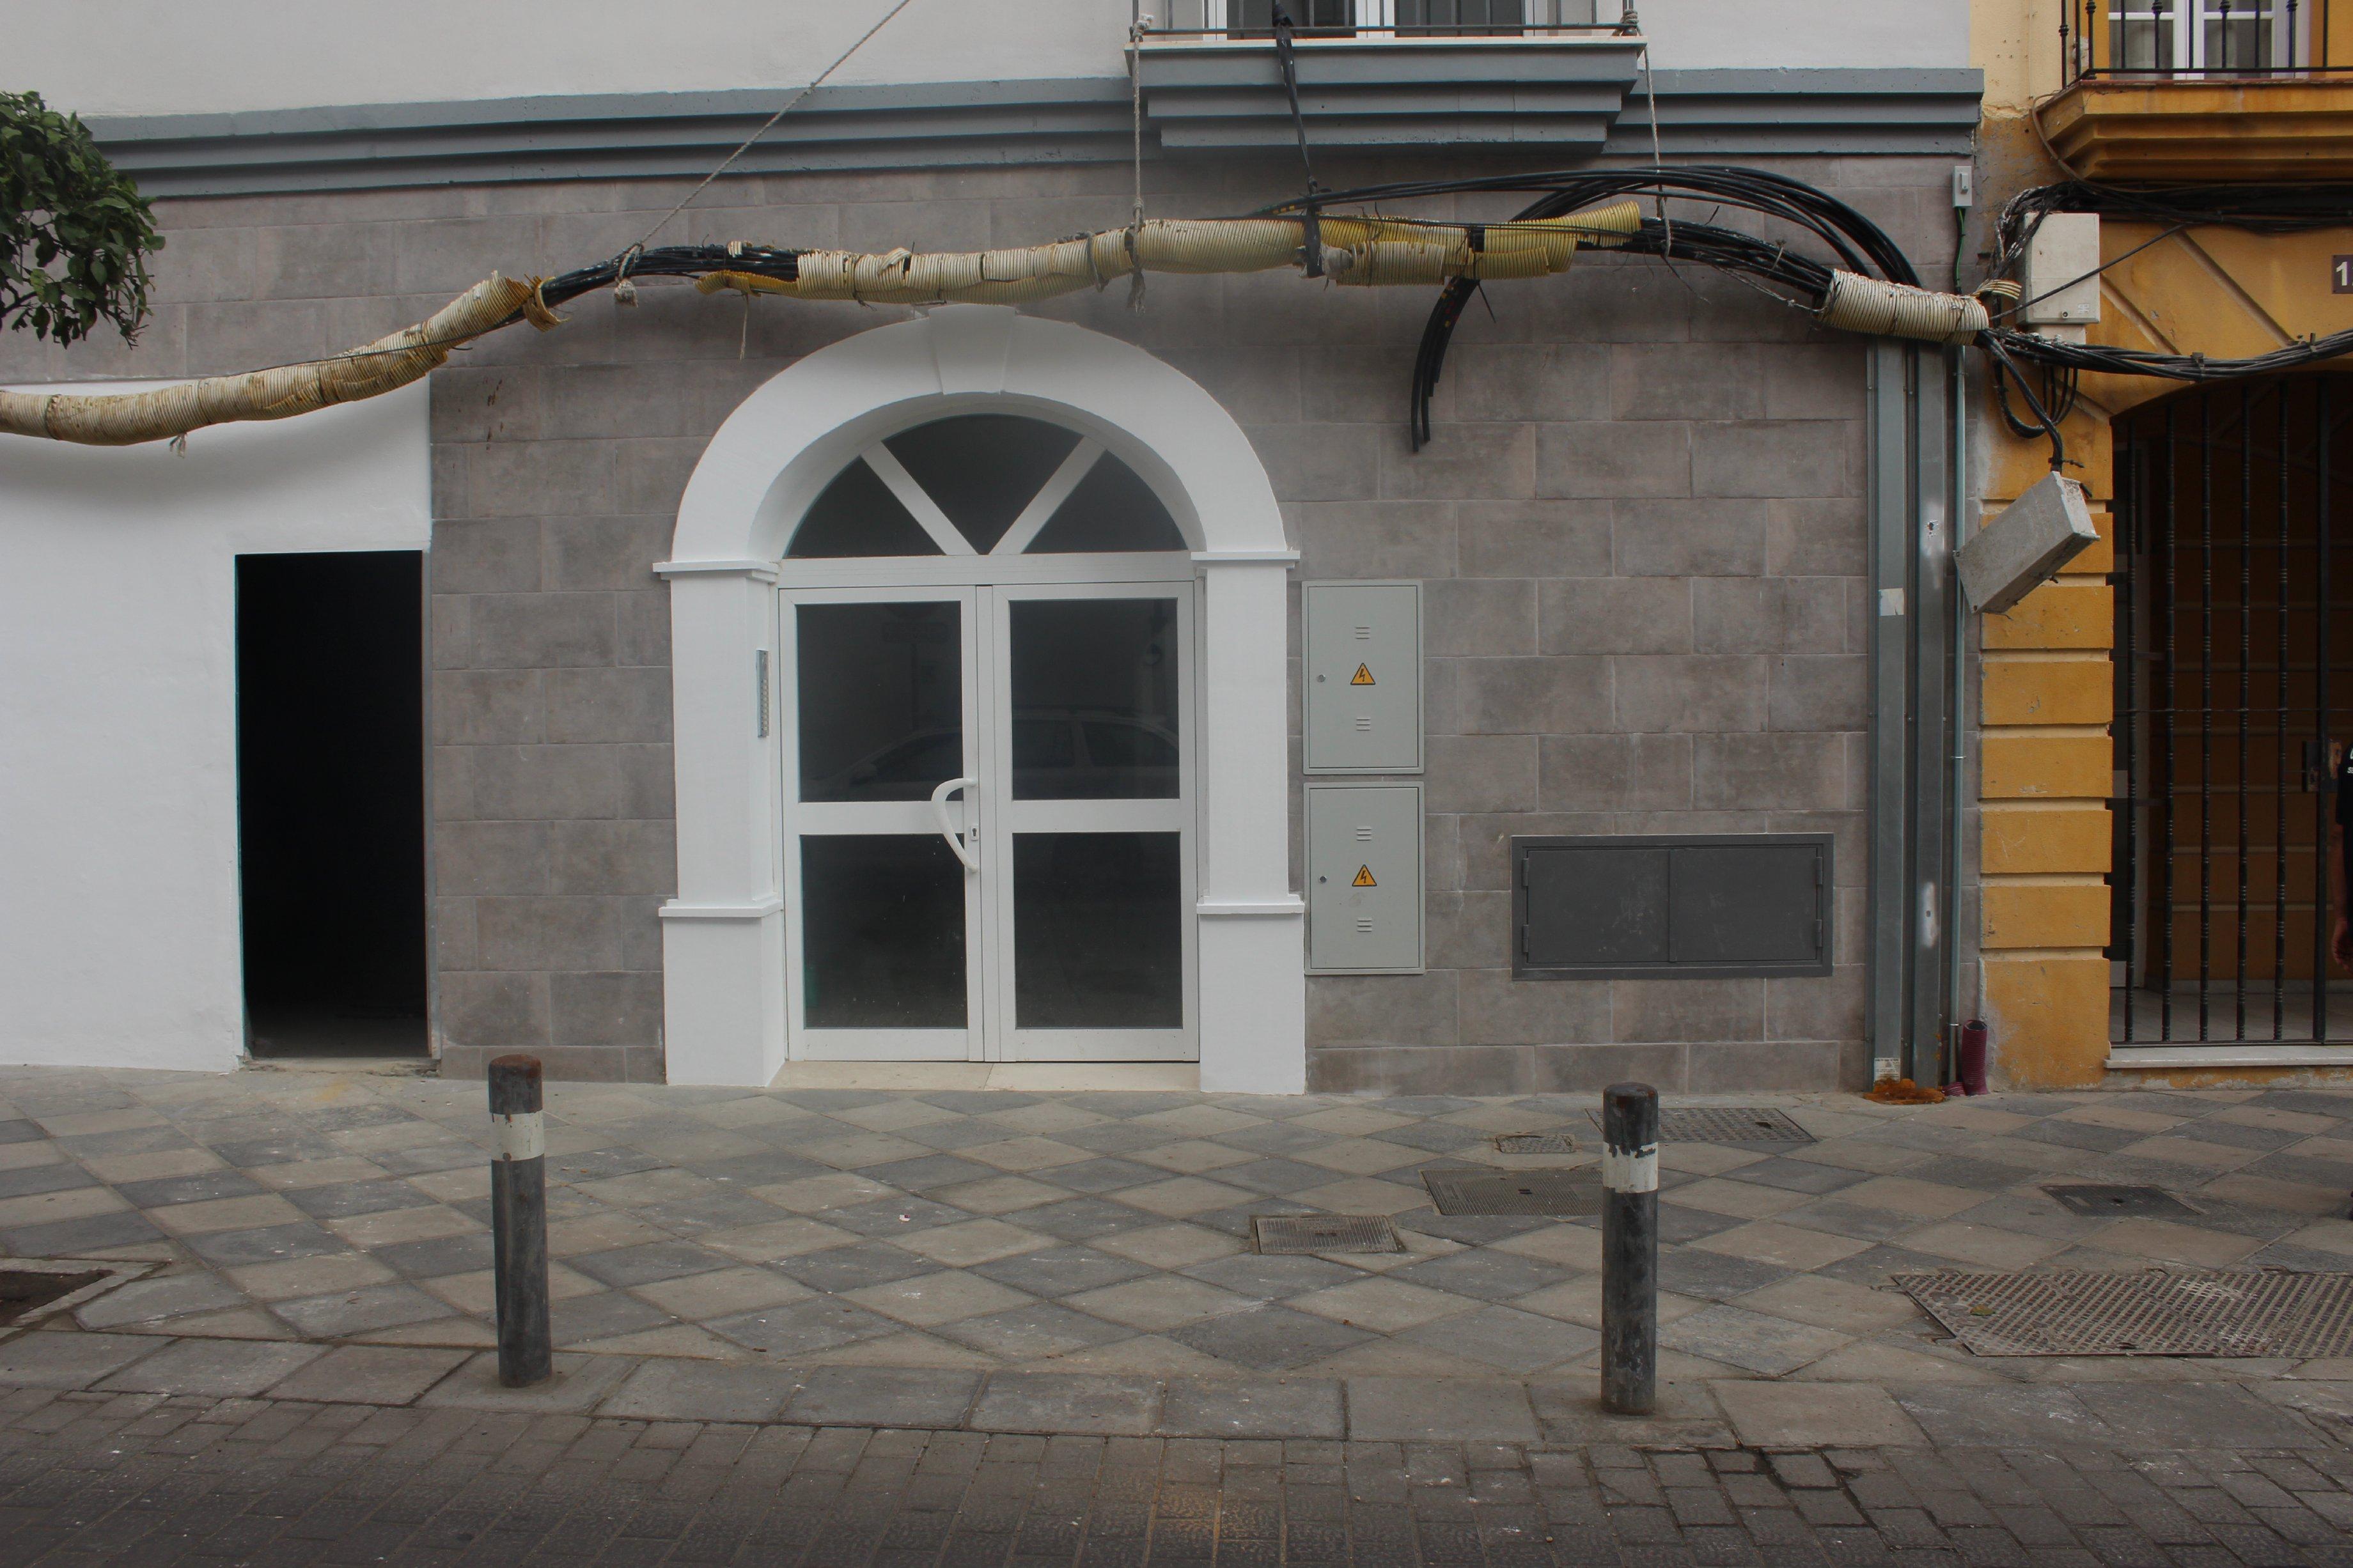 Local en venta en San García, Algeciras, Cádiz, Calle Teniente Miranda, 92.000 €, 119 m2